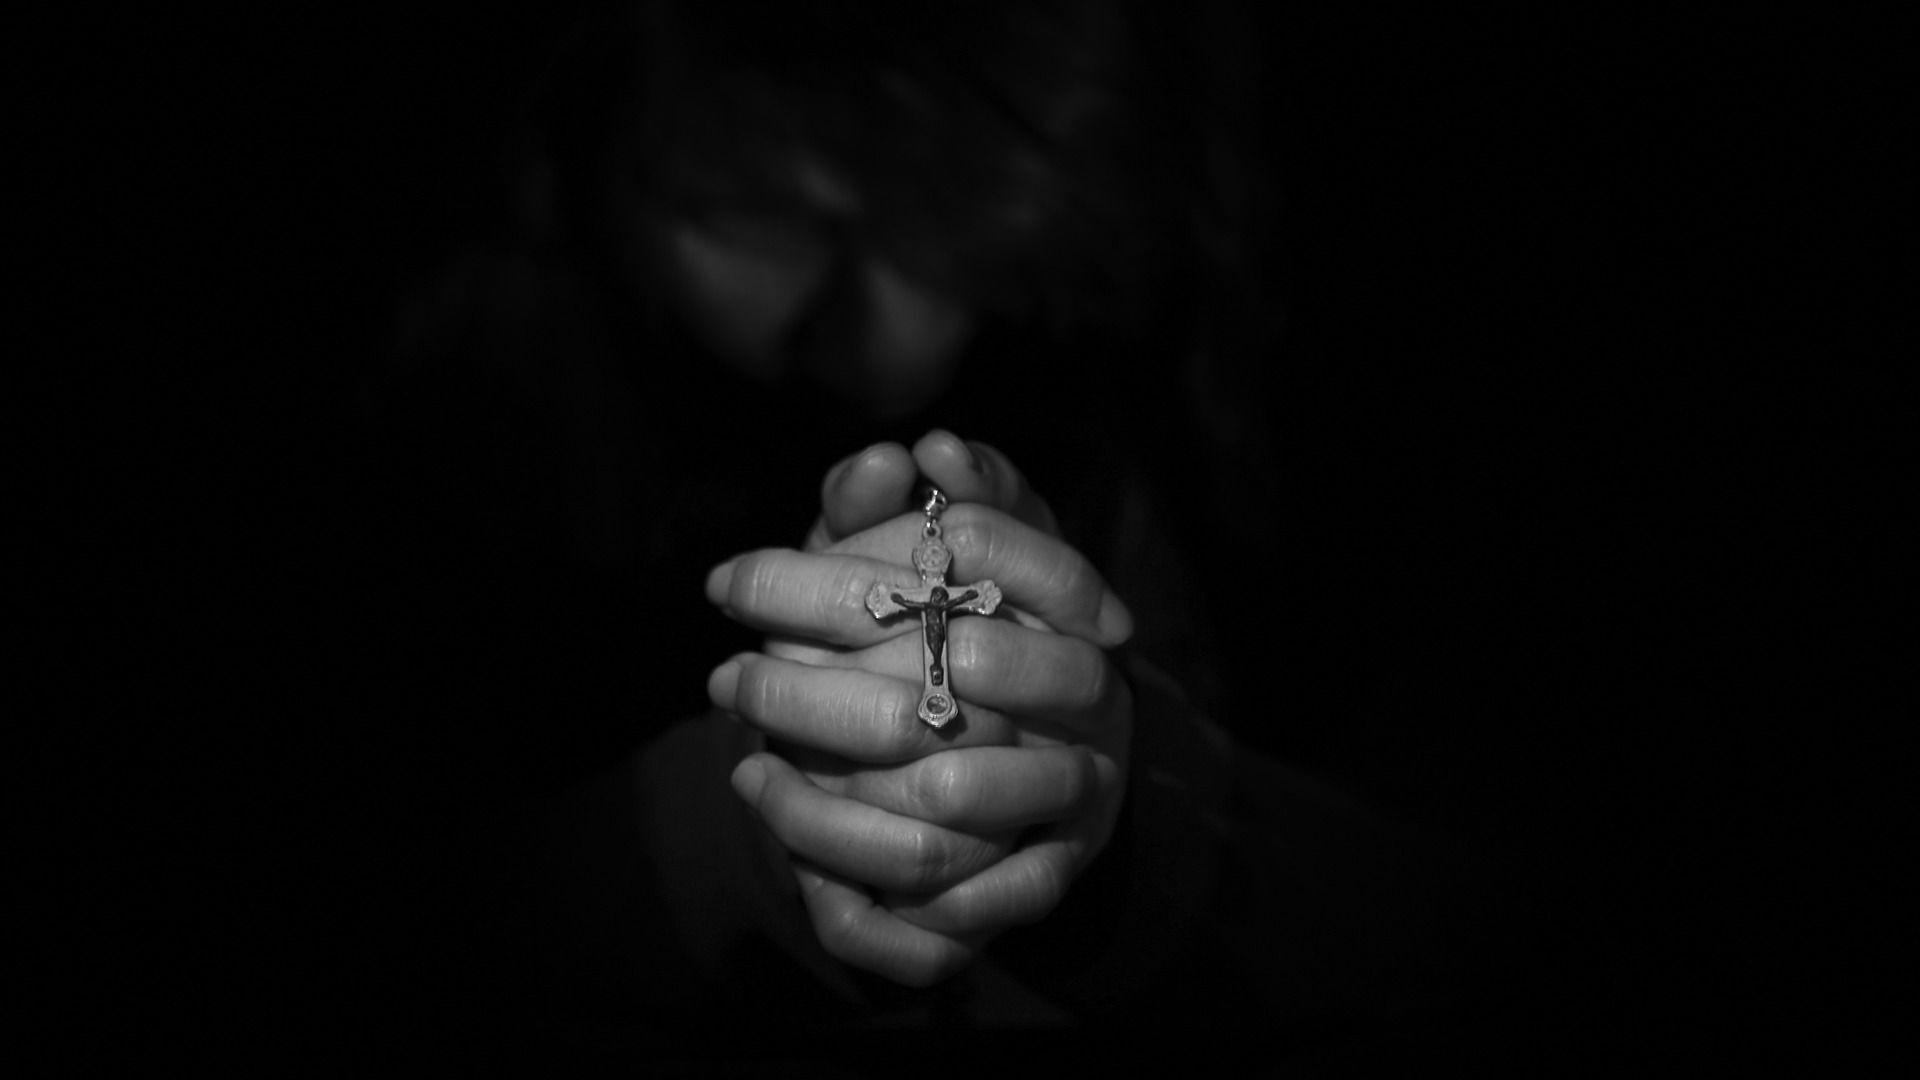 ბერი ლოცვის დროს - Sputnik საქართველო, 1920, 01.10.2021